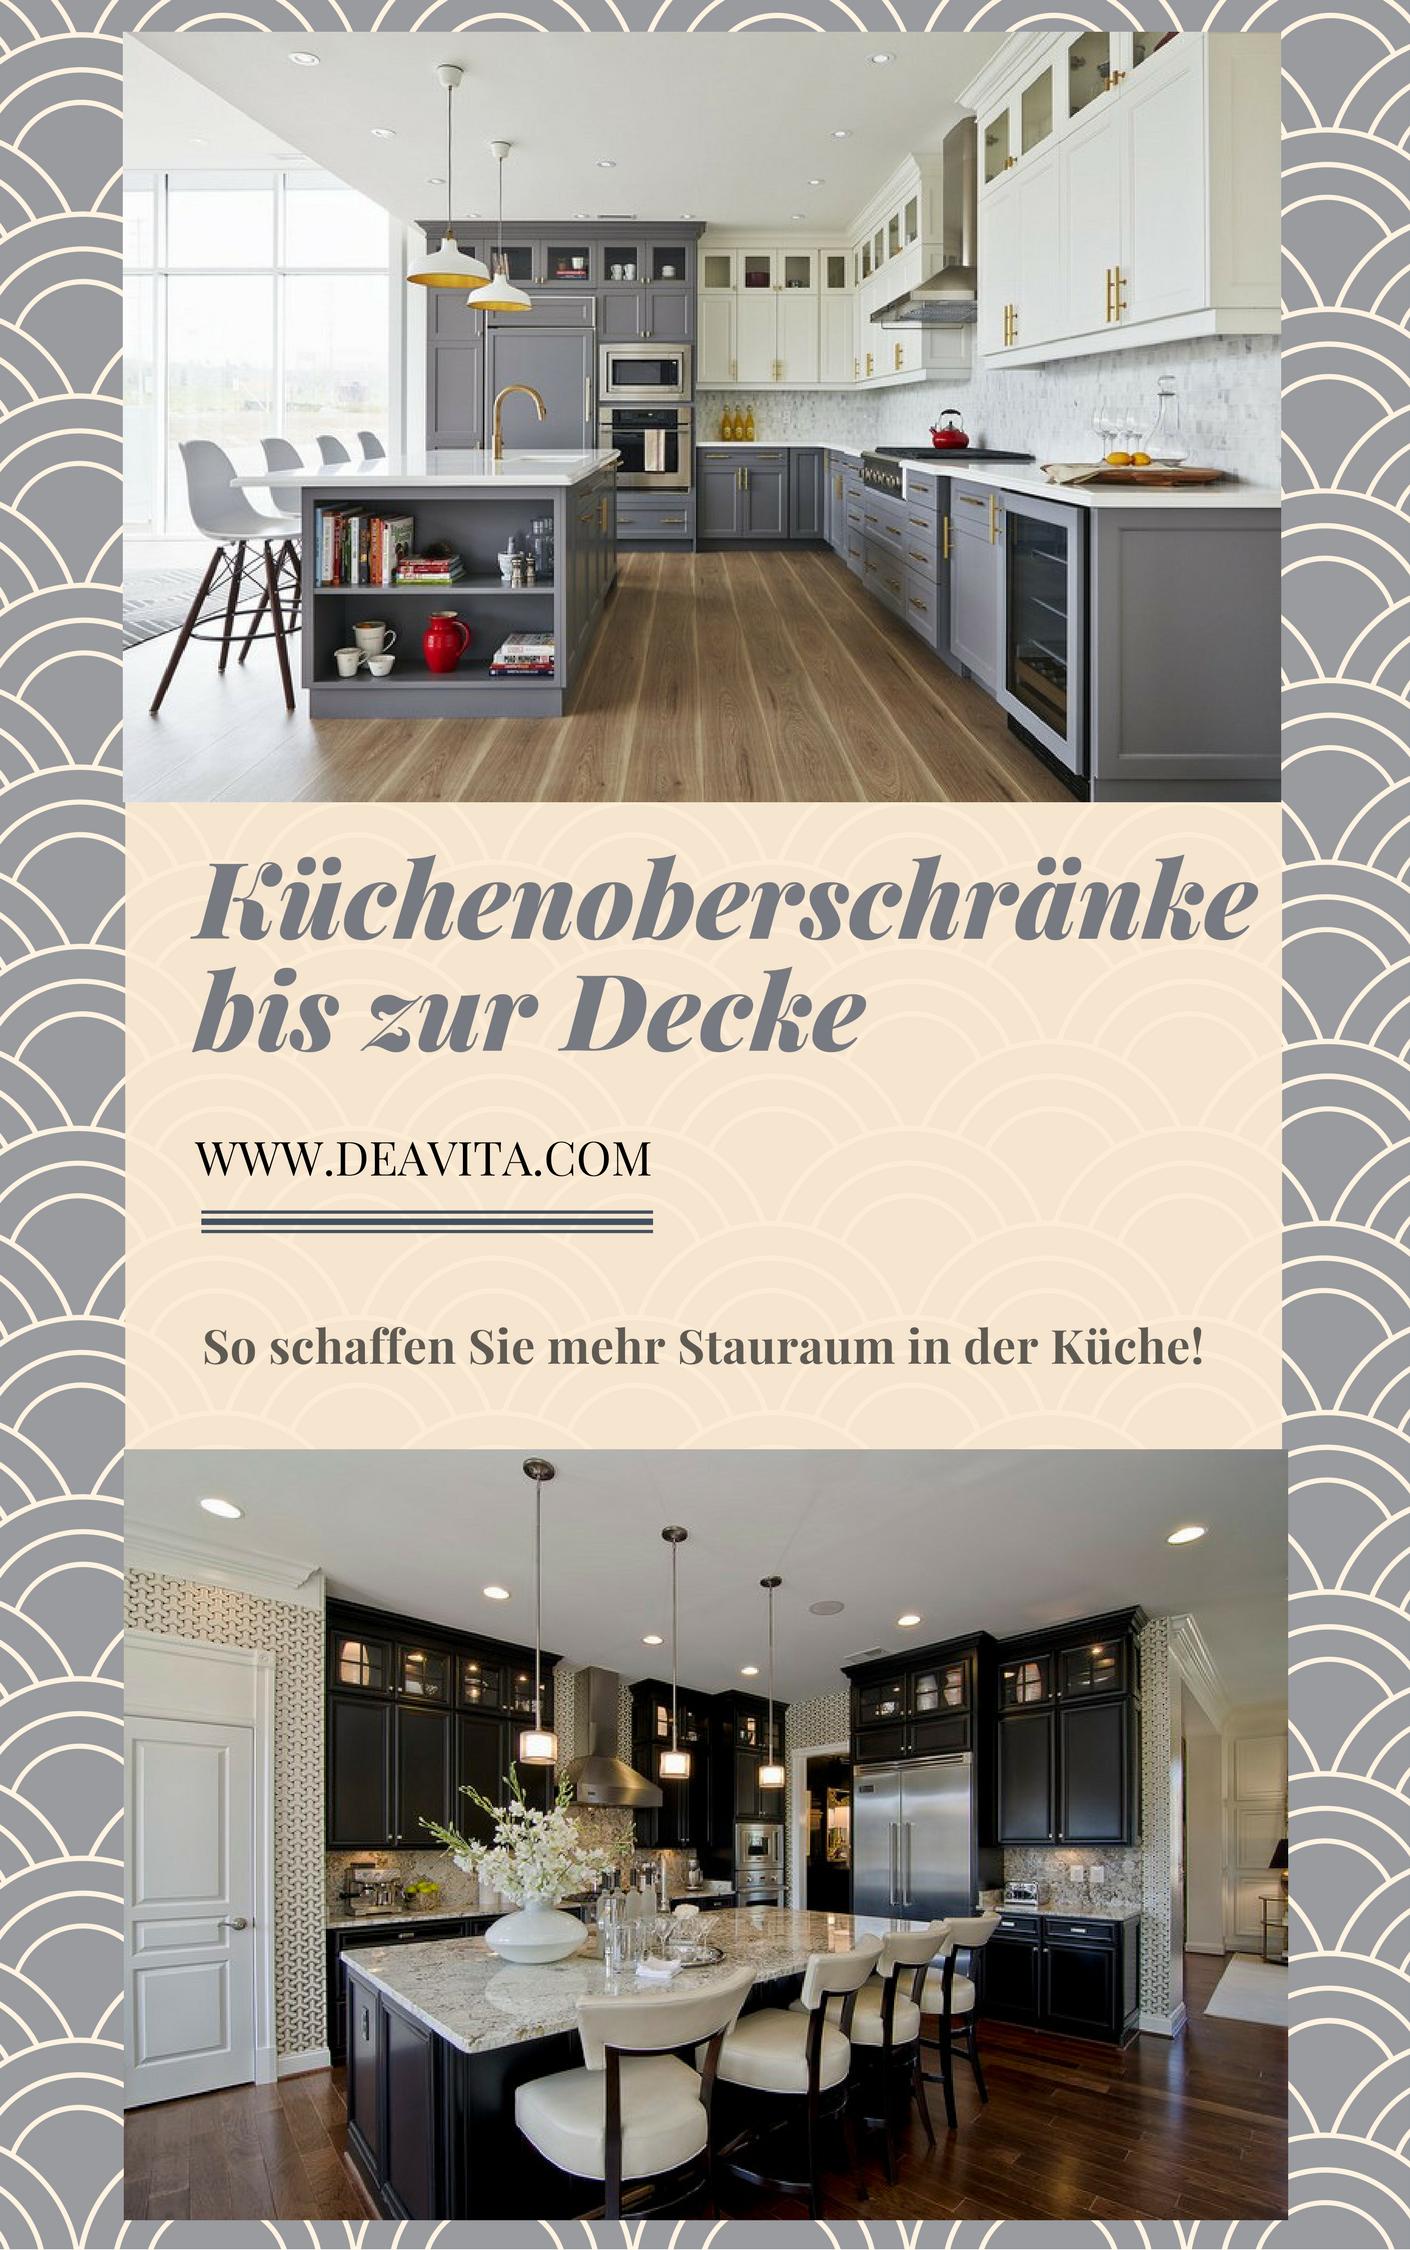 Kchen Oberschrnke. Gallery Of Luxus Hhe Hhe Oberschrnke Kche Bilder ...